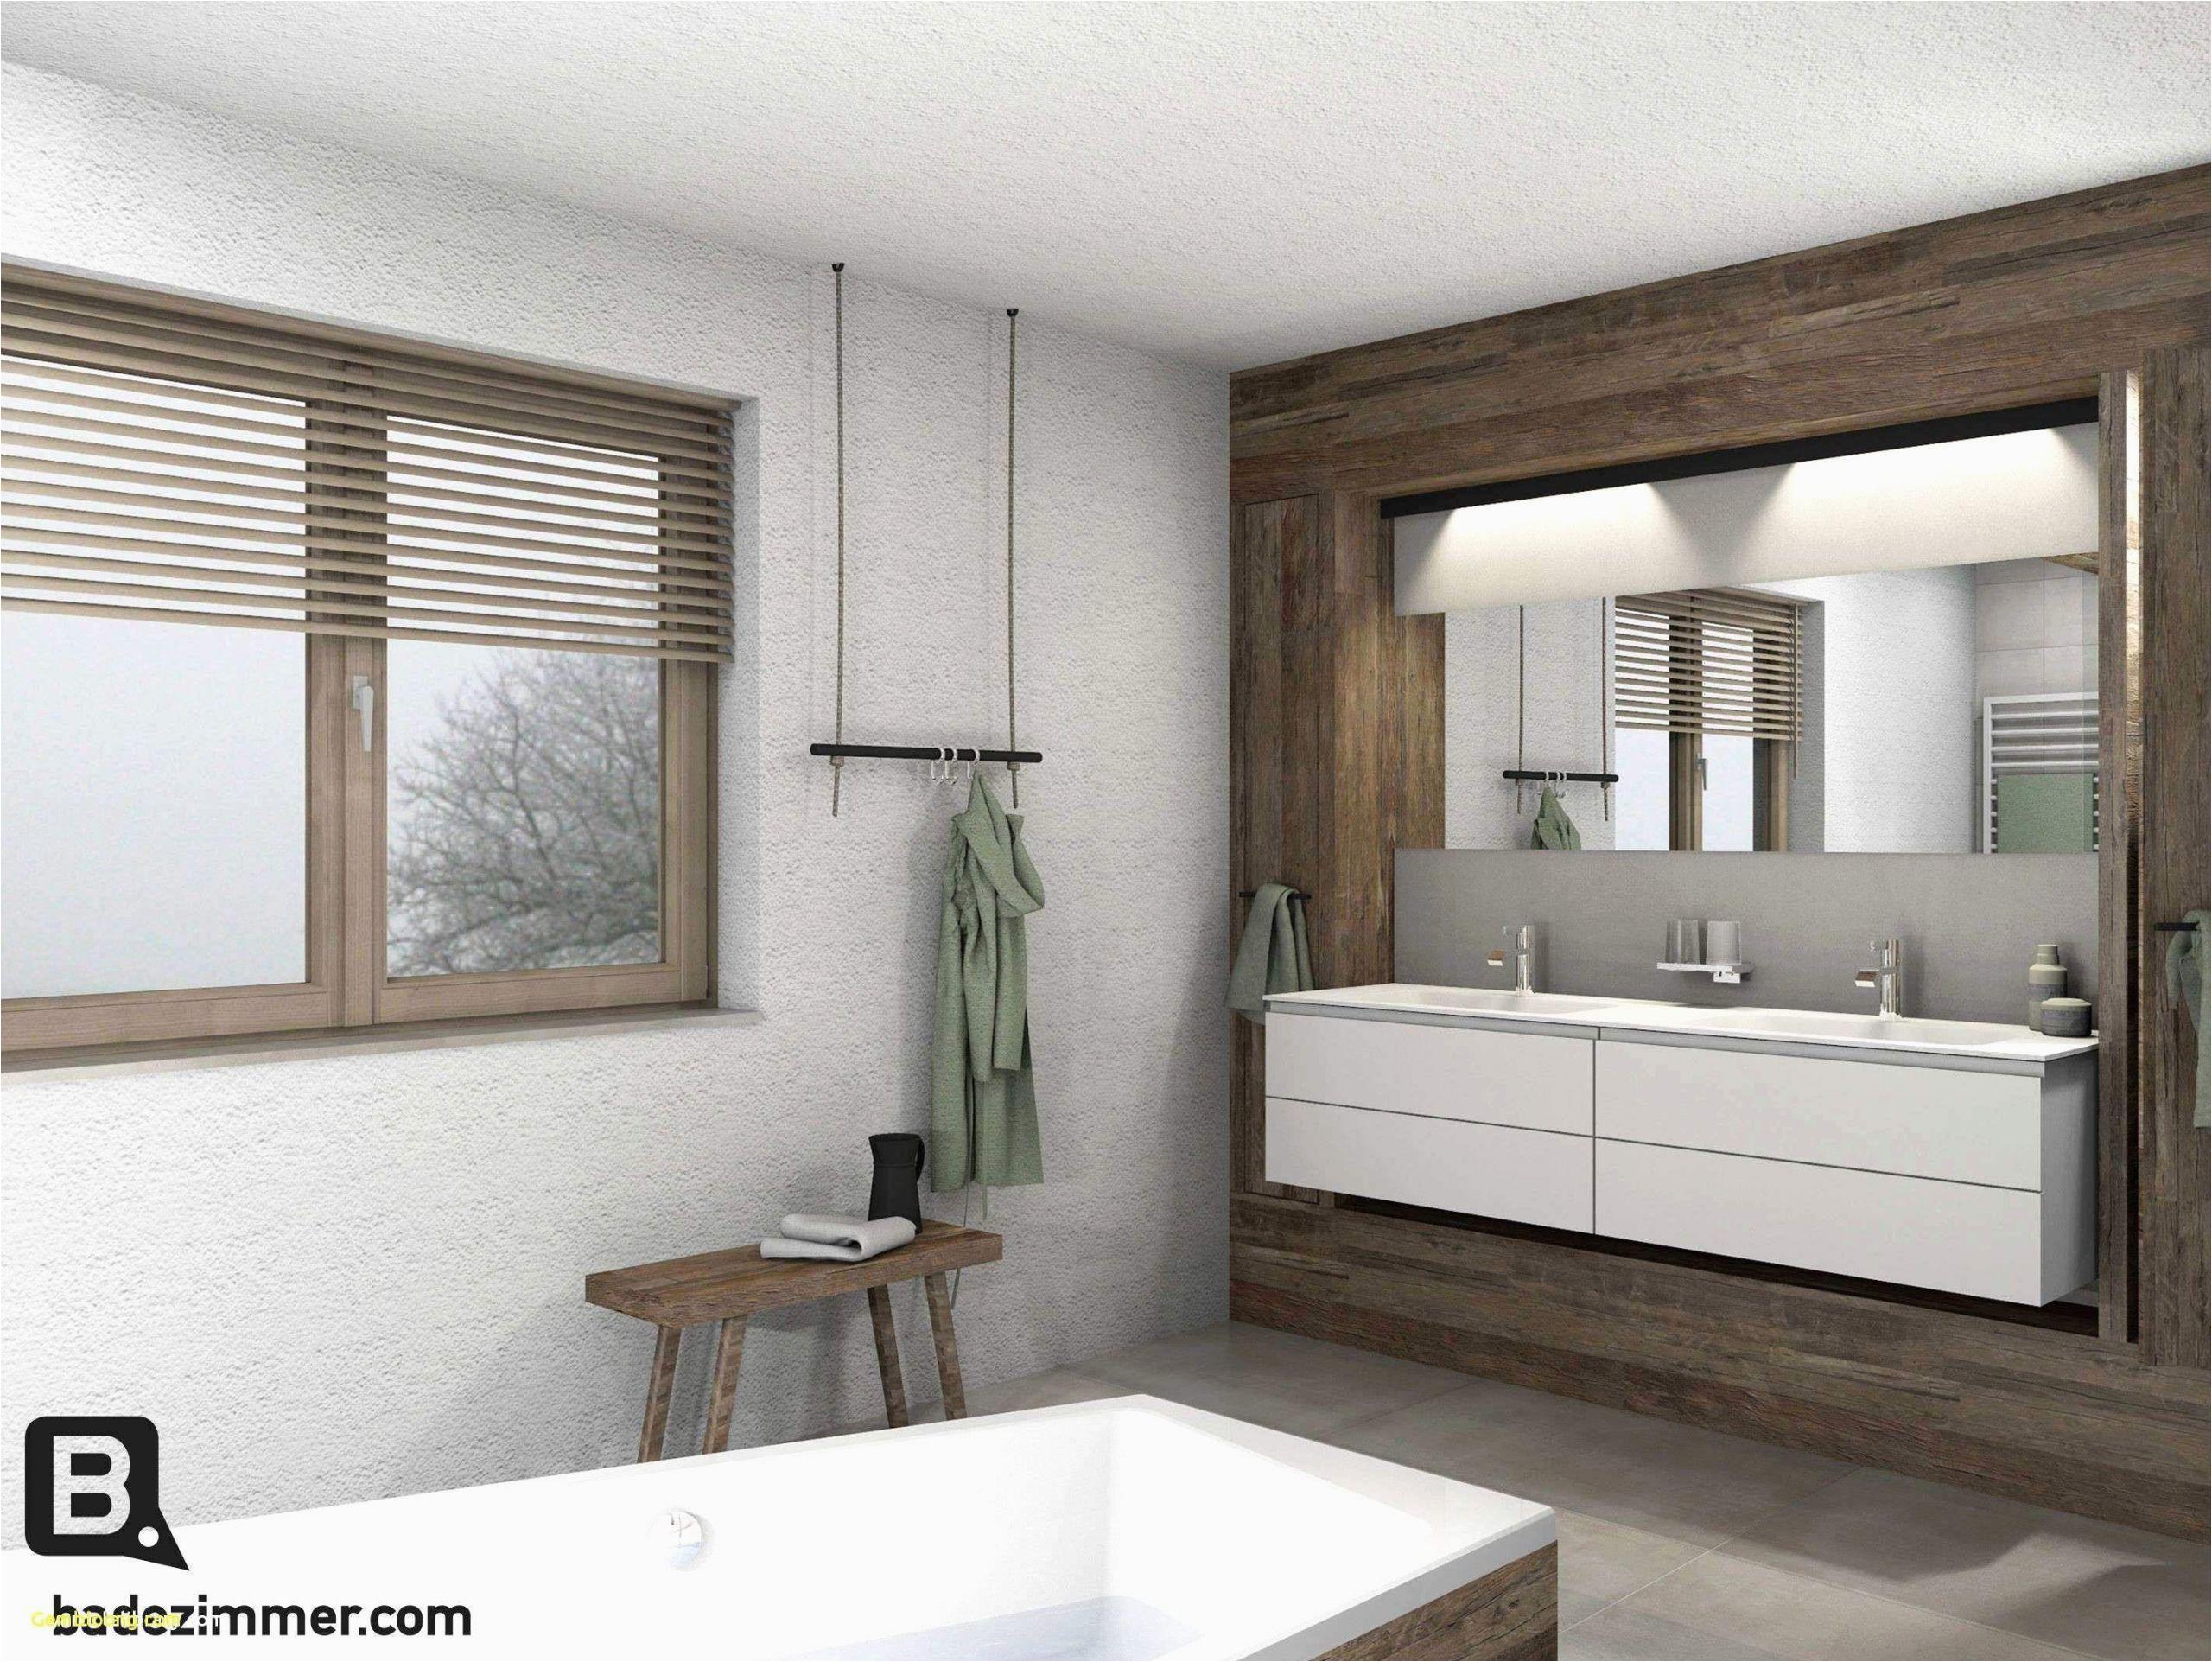 wandmalerei wohnzimmer das beste von bad mit holzfliesen schon holz auf terrasse fliesen terrasse of wandmalerei wohnzimmer scaled